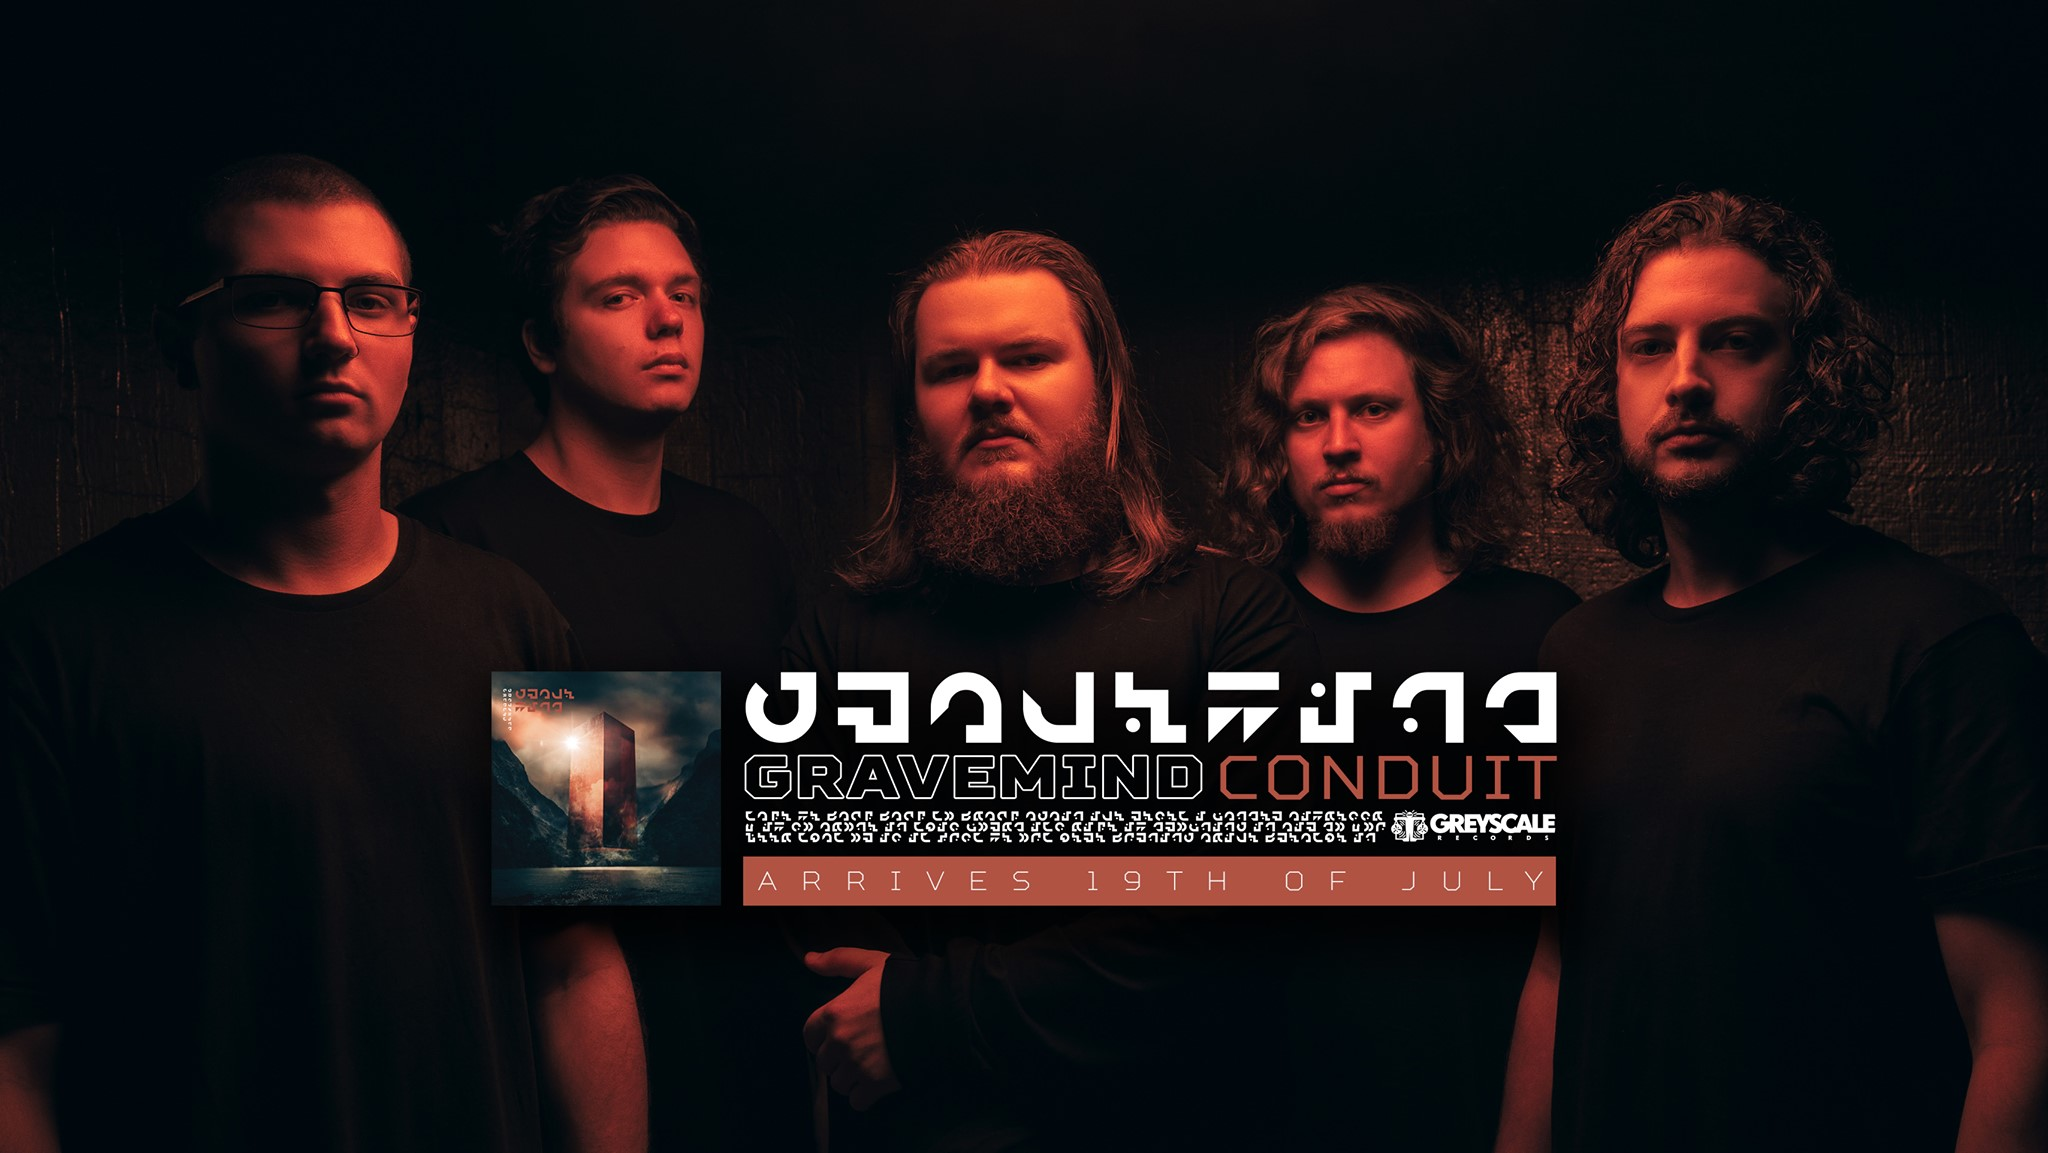 澳洲死核 Gravemind 新曲影音公布 Volgin